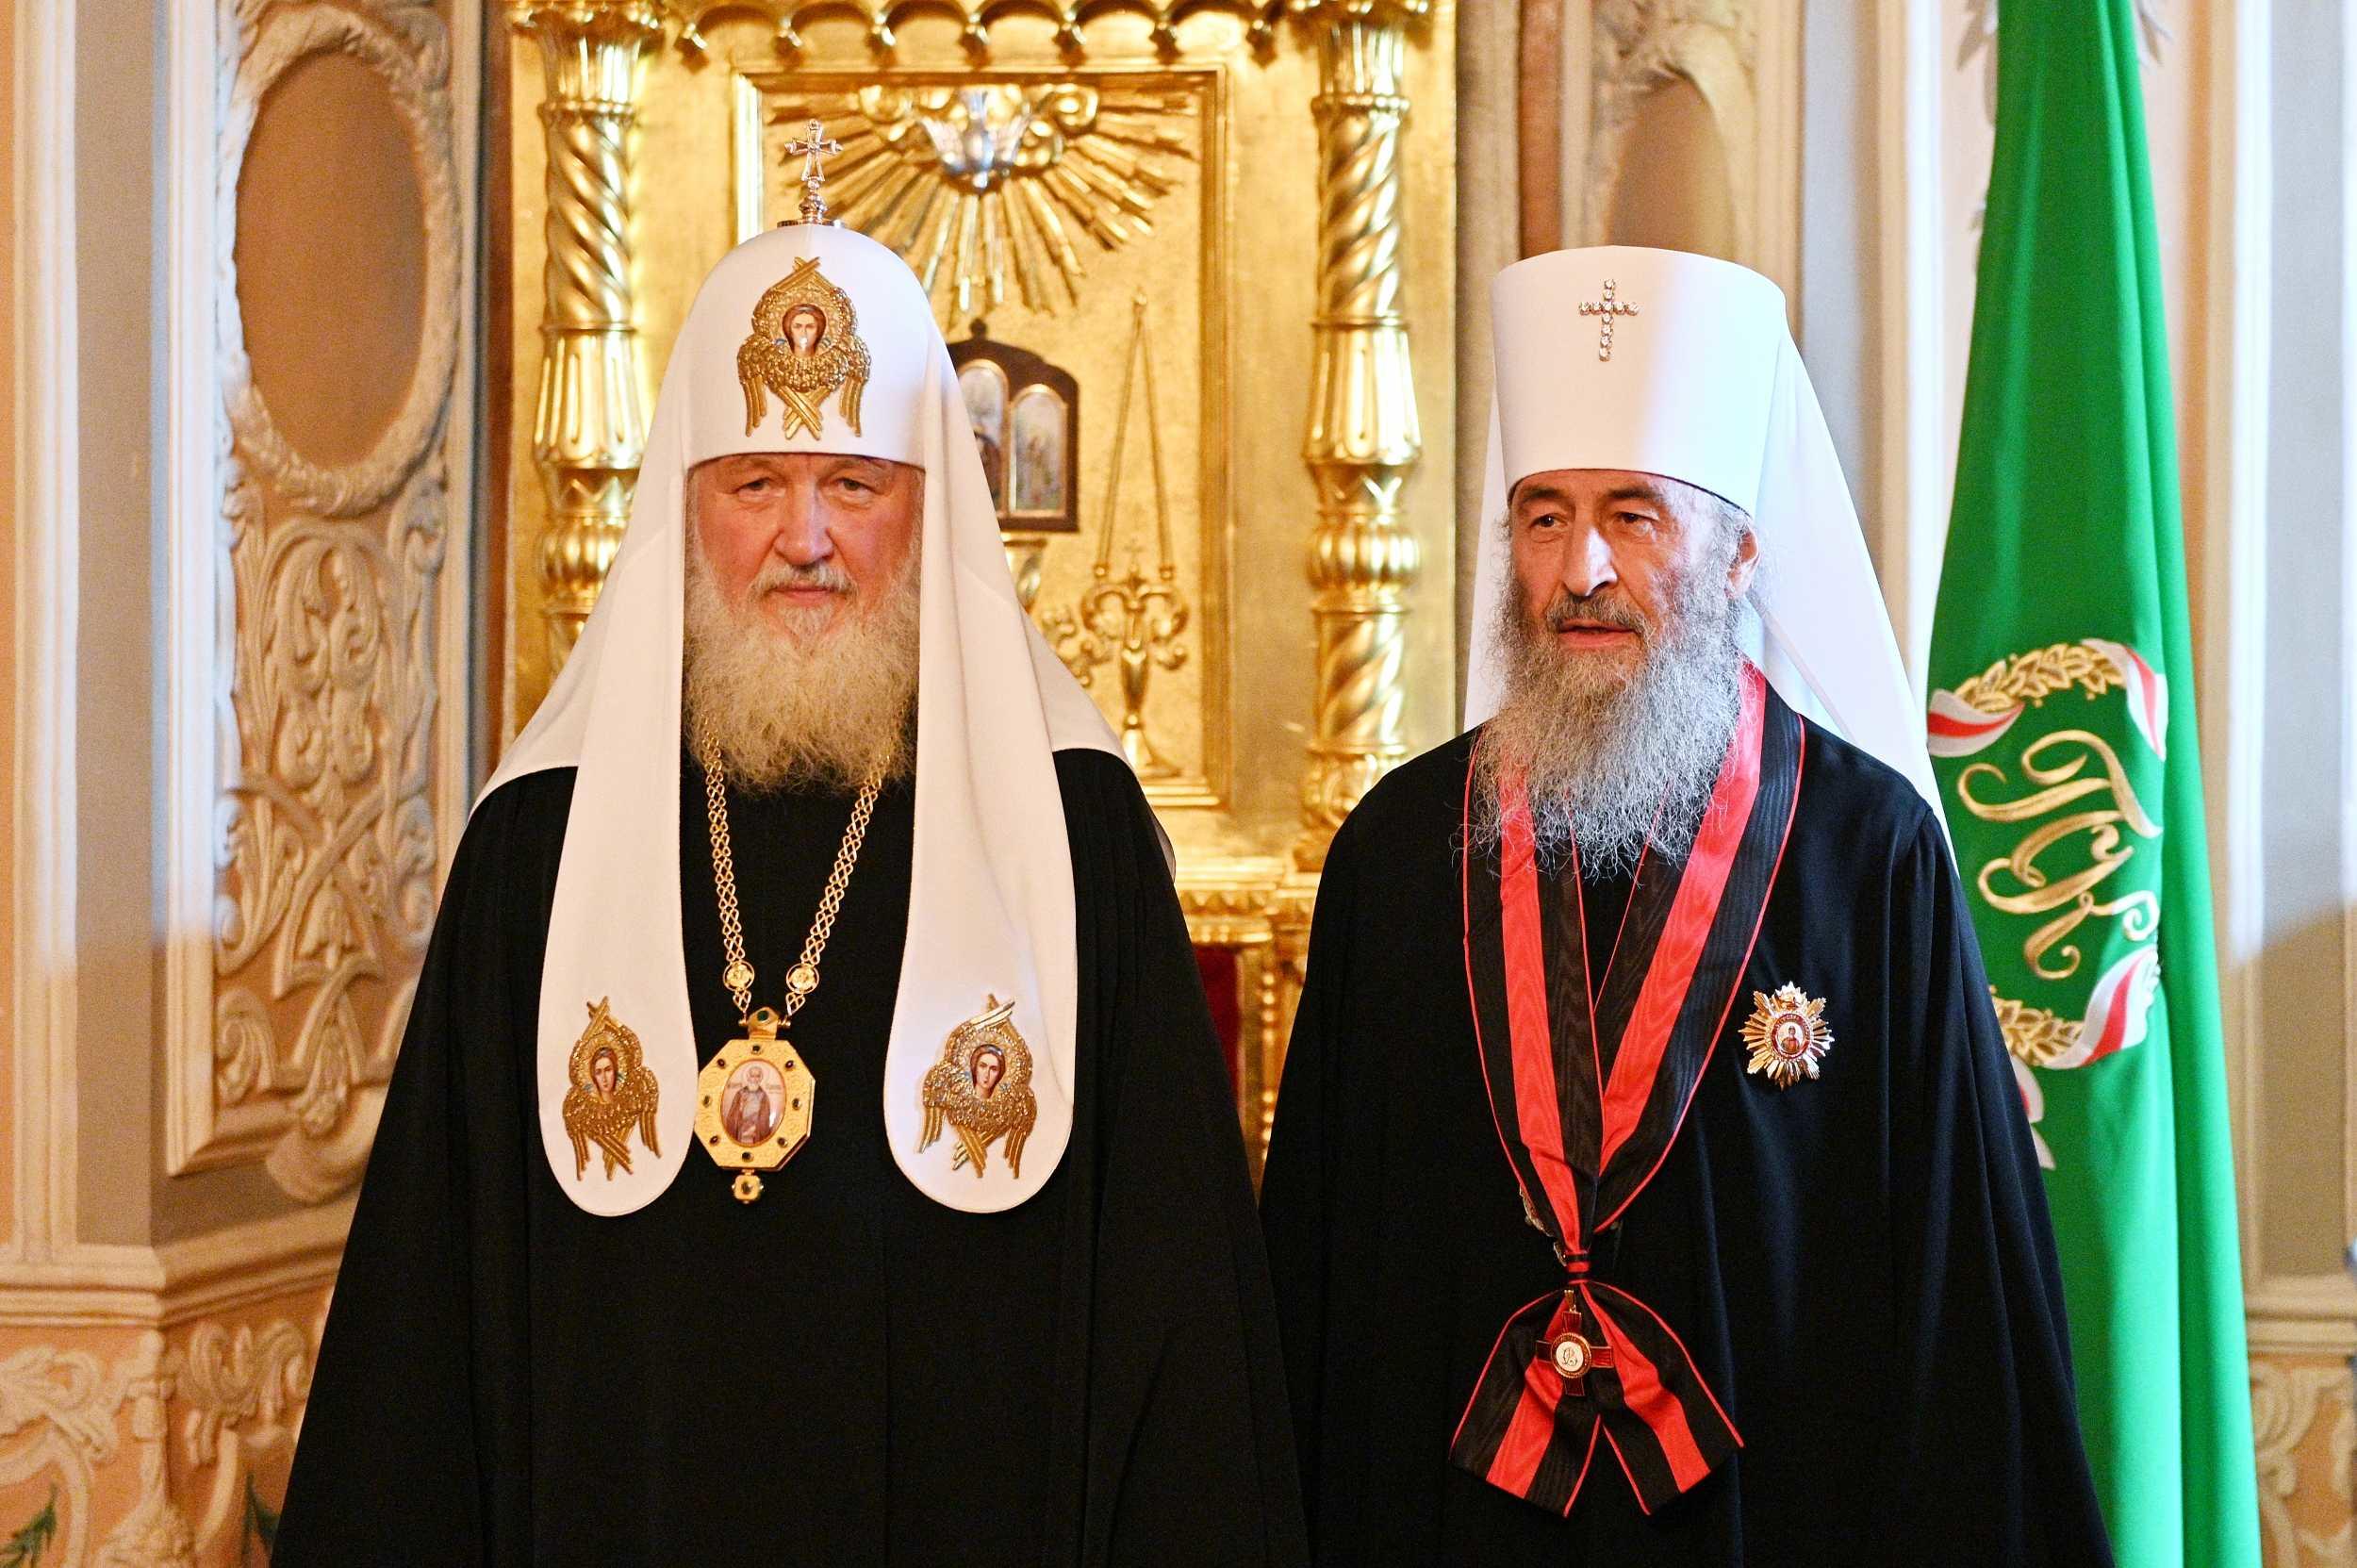 Керівники російської церкви Кирило та Онуфрій